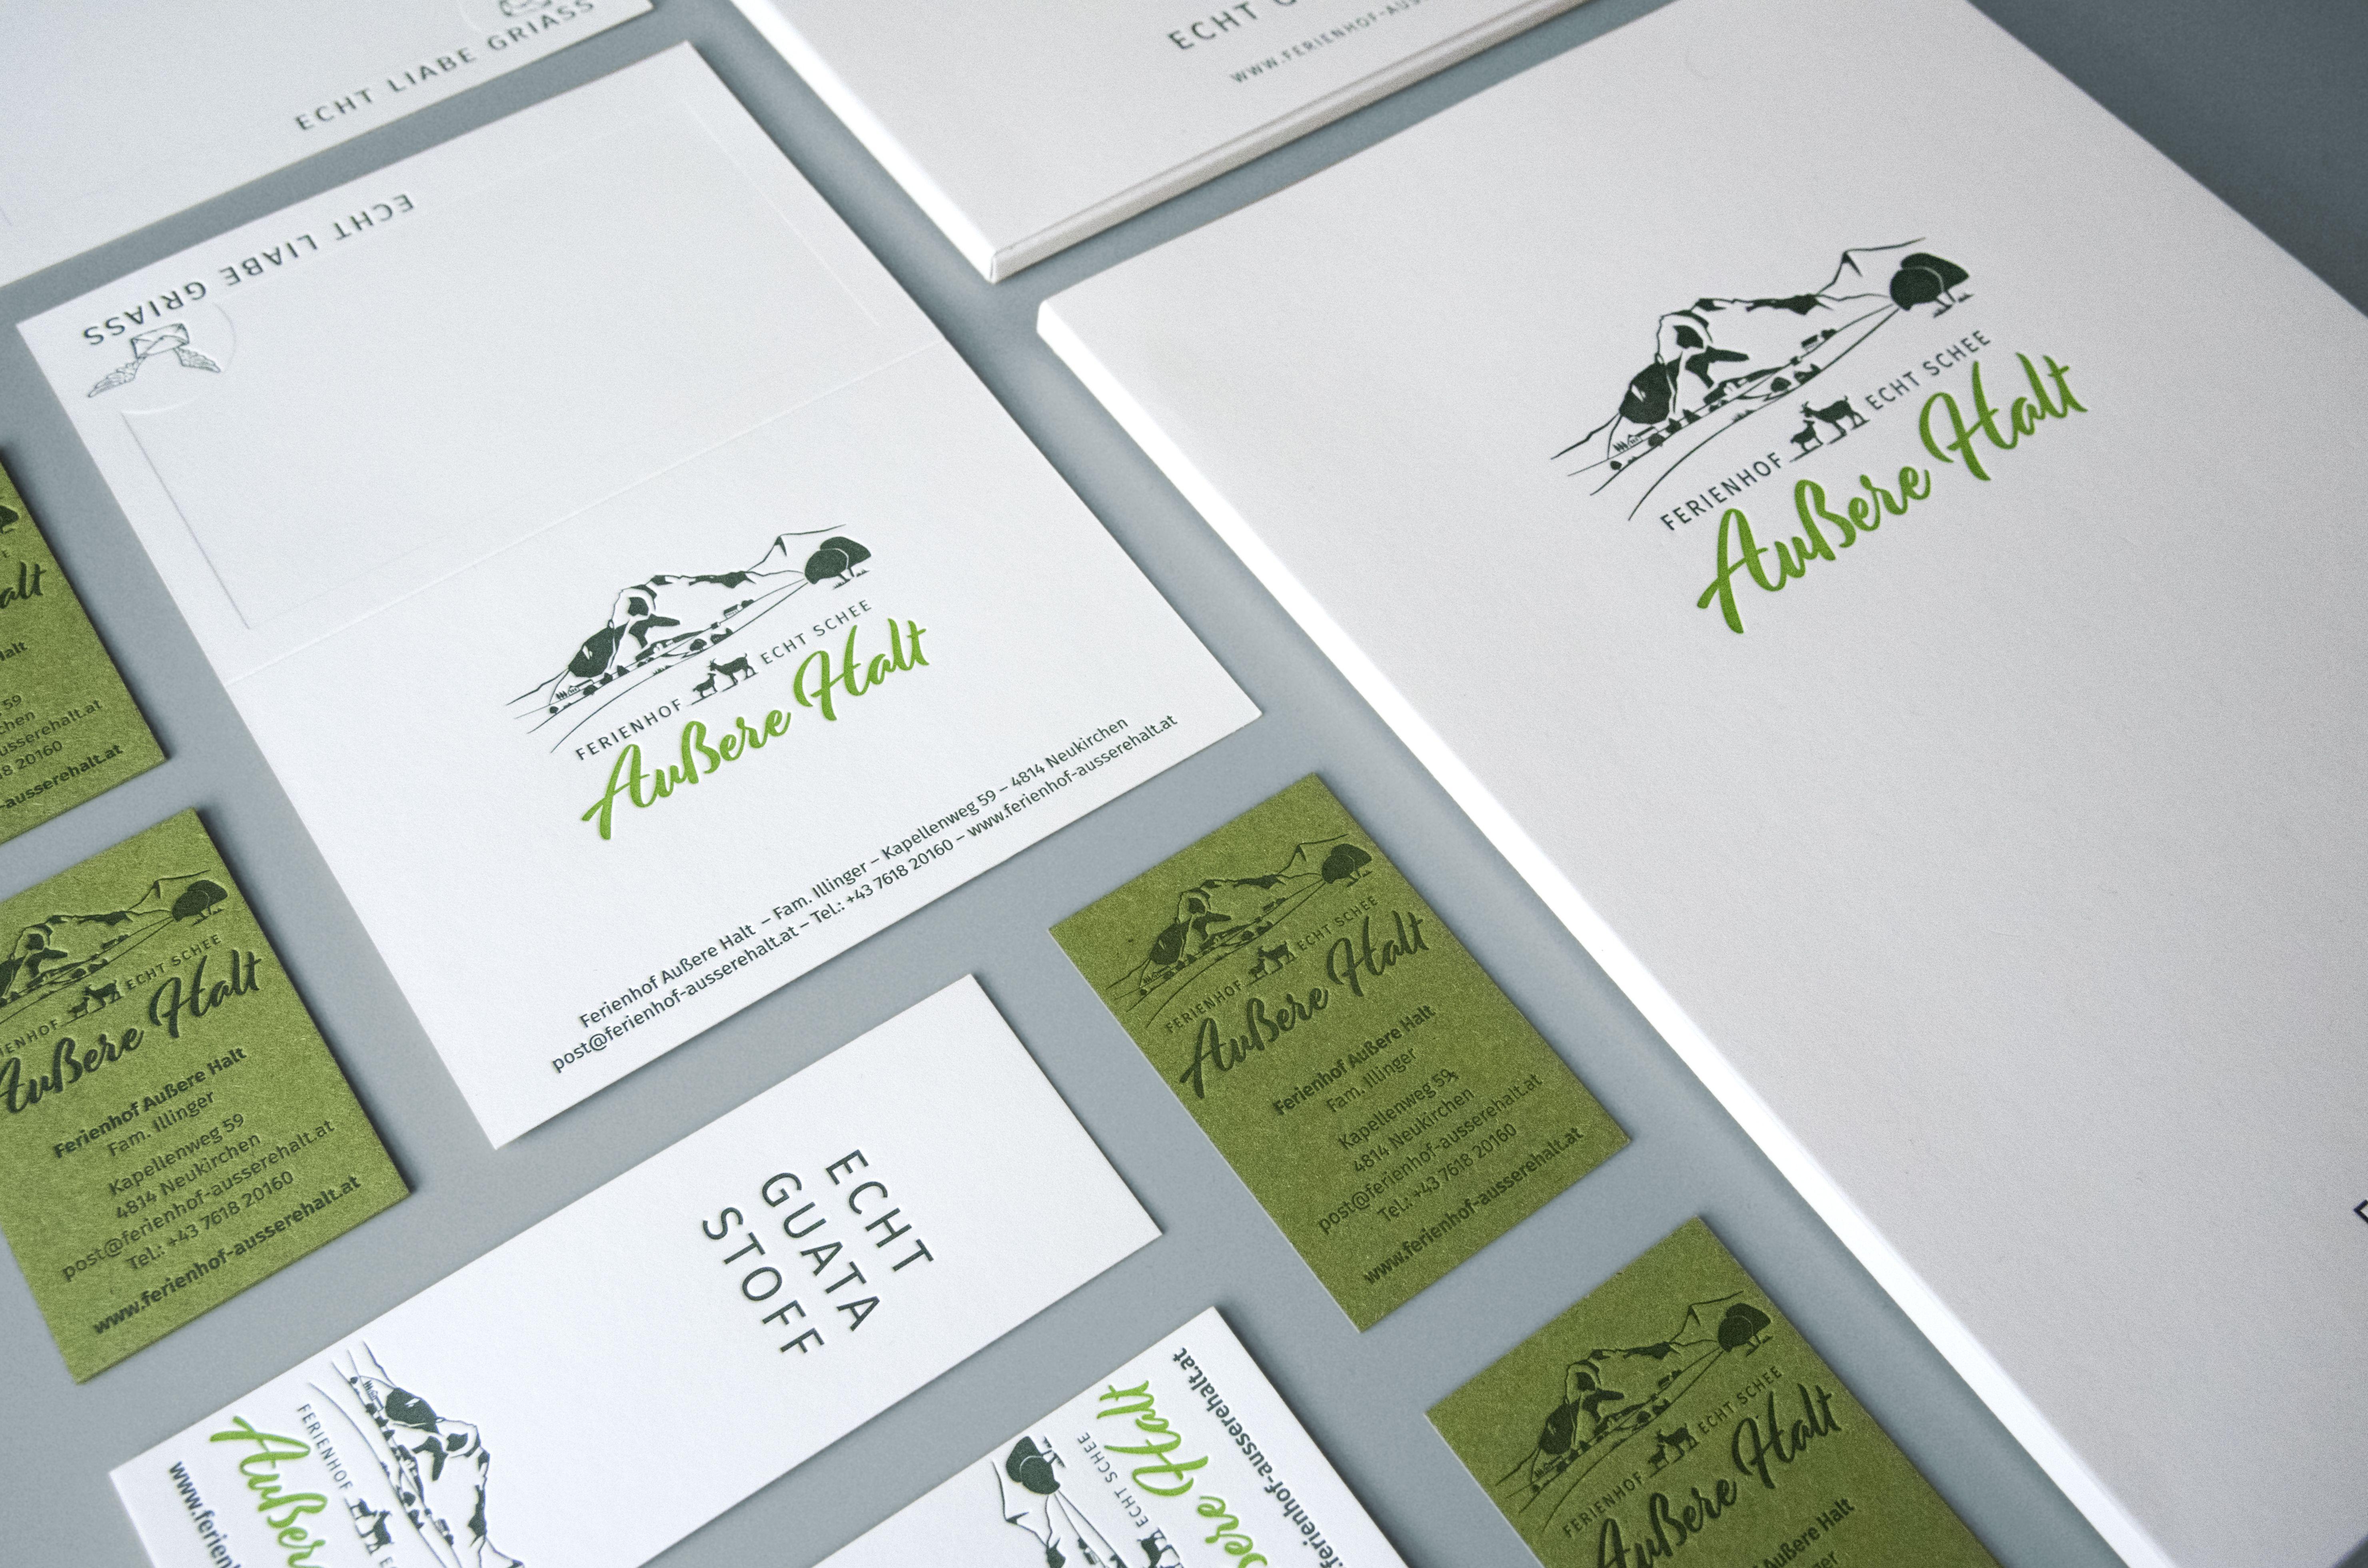 ECHT GUATA STOFF LetterpressVisitenkarten, Mappe und